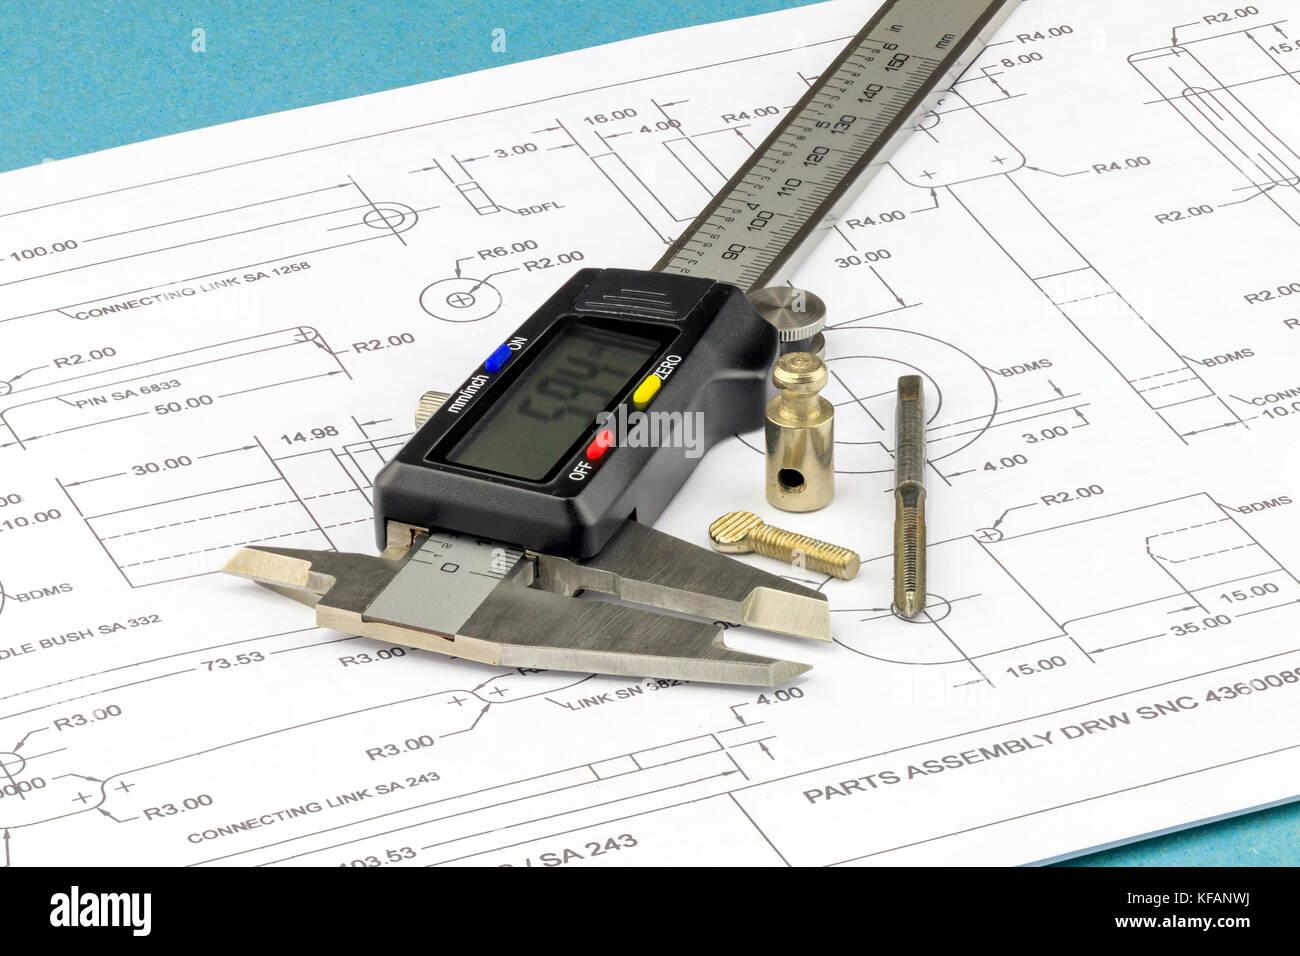 Engineering Messschieber, Metall tippen und Metallteile auf einer technischen Zeichnung Hintergrund platziert Stockbild